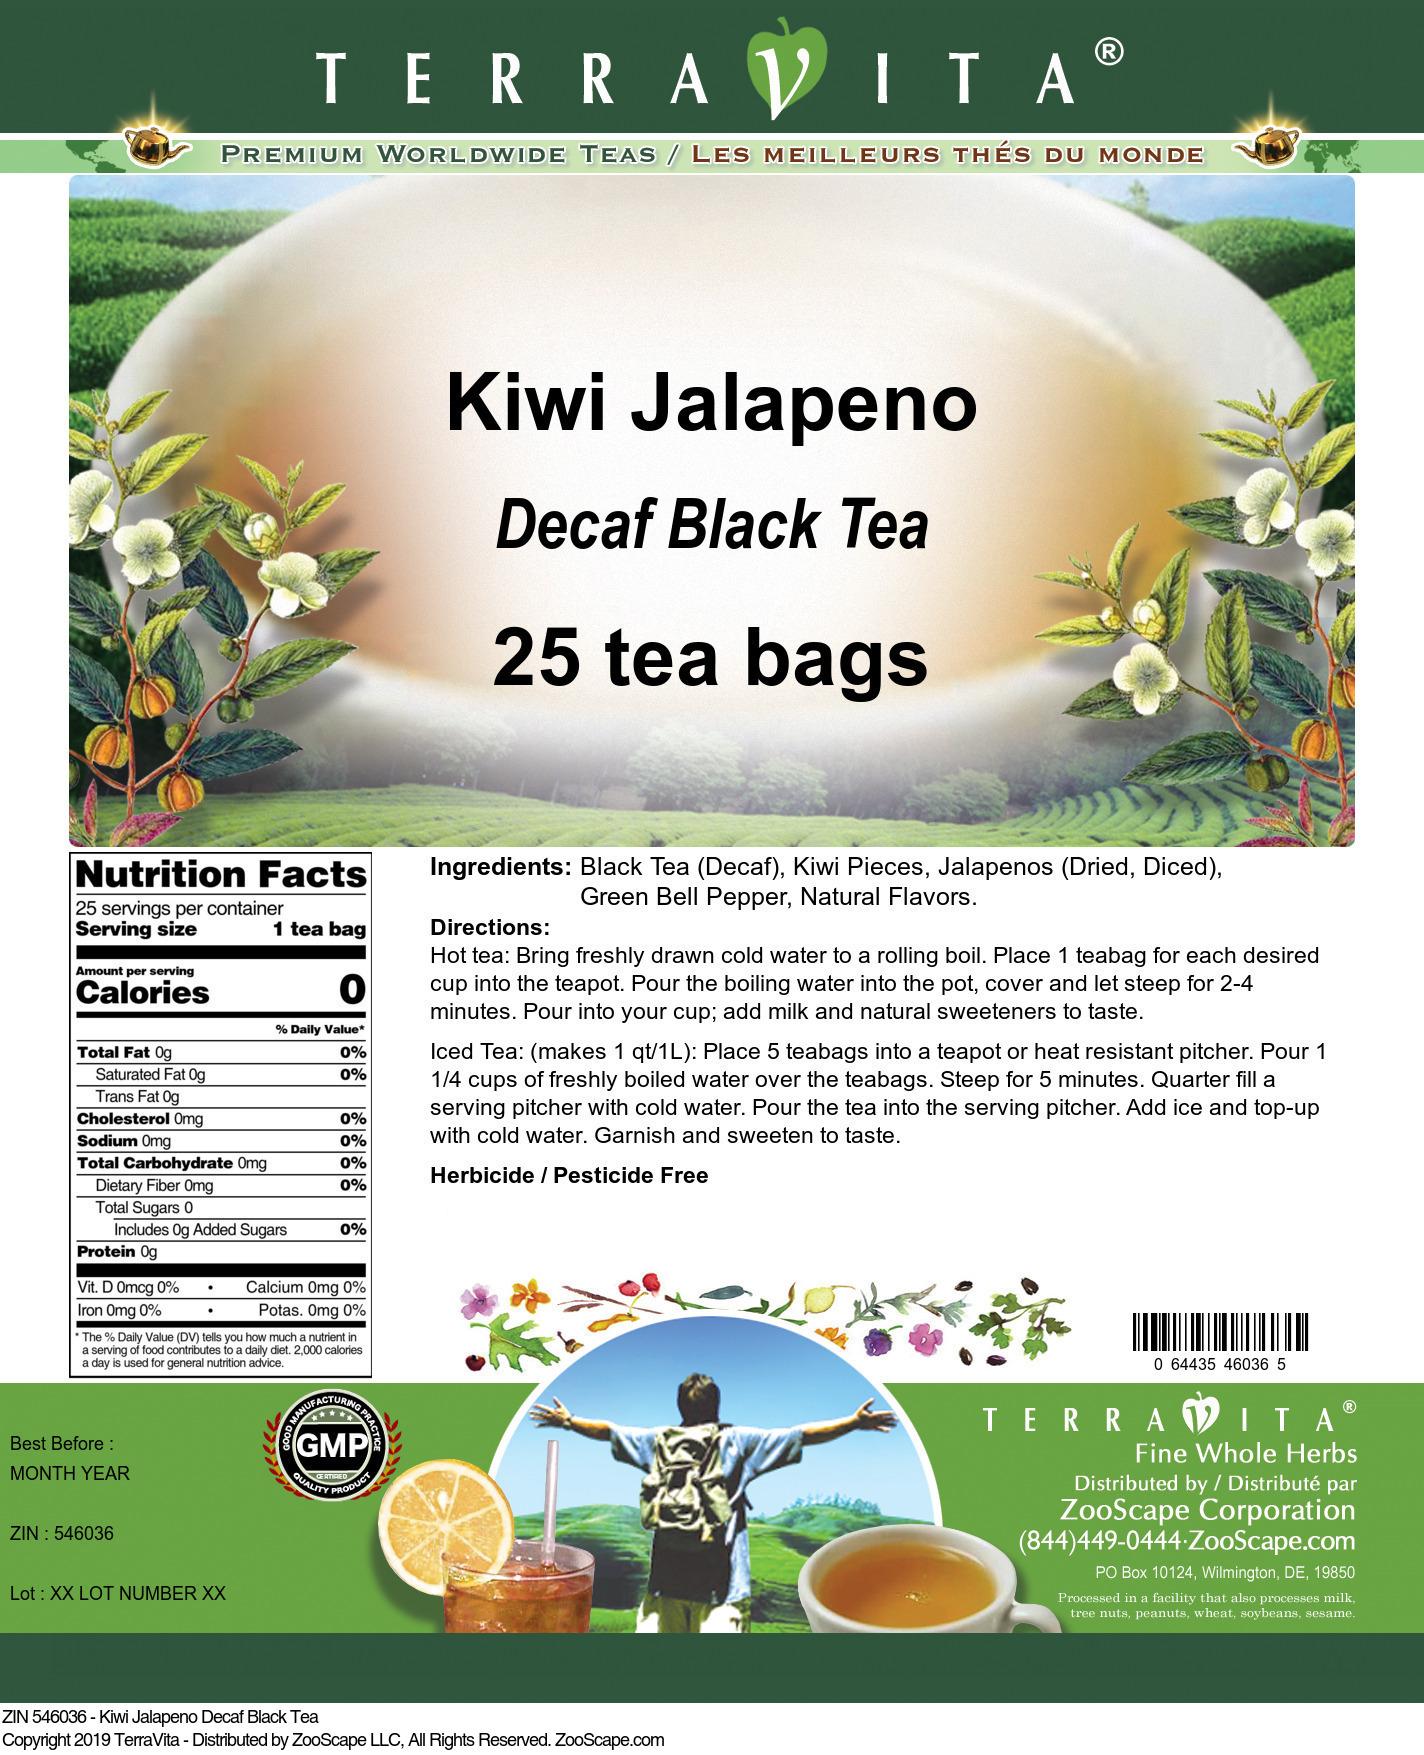 Kiwi Jalapeno Decaf Black Tea